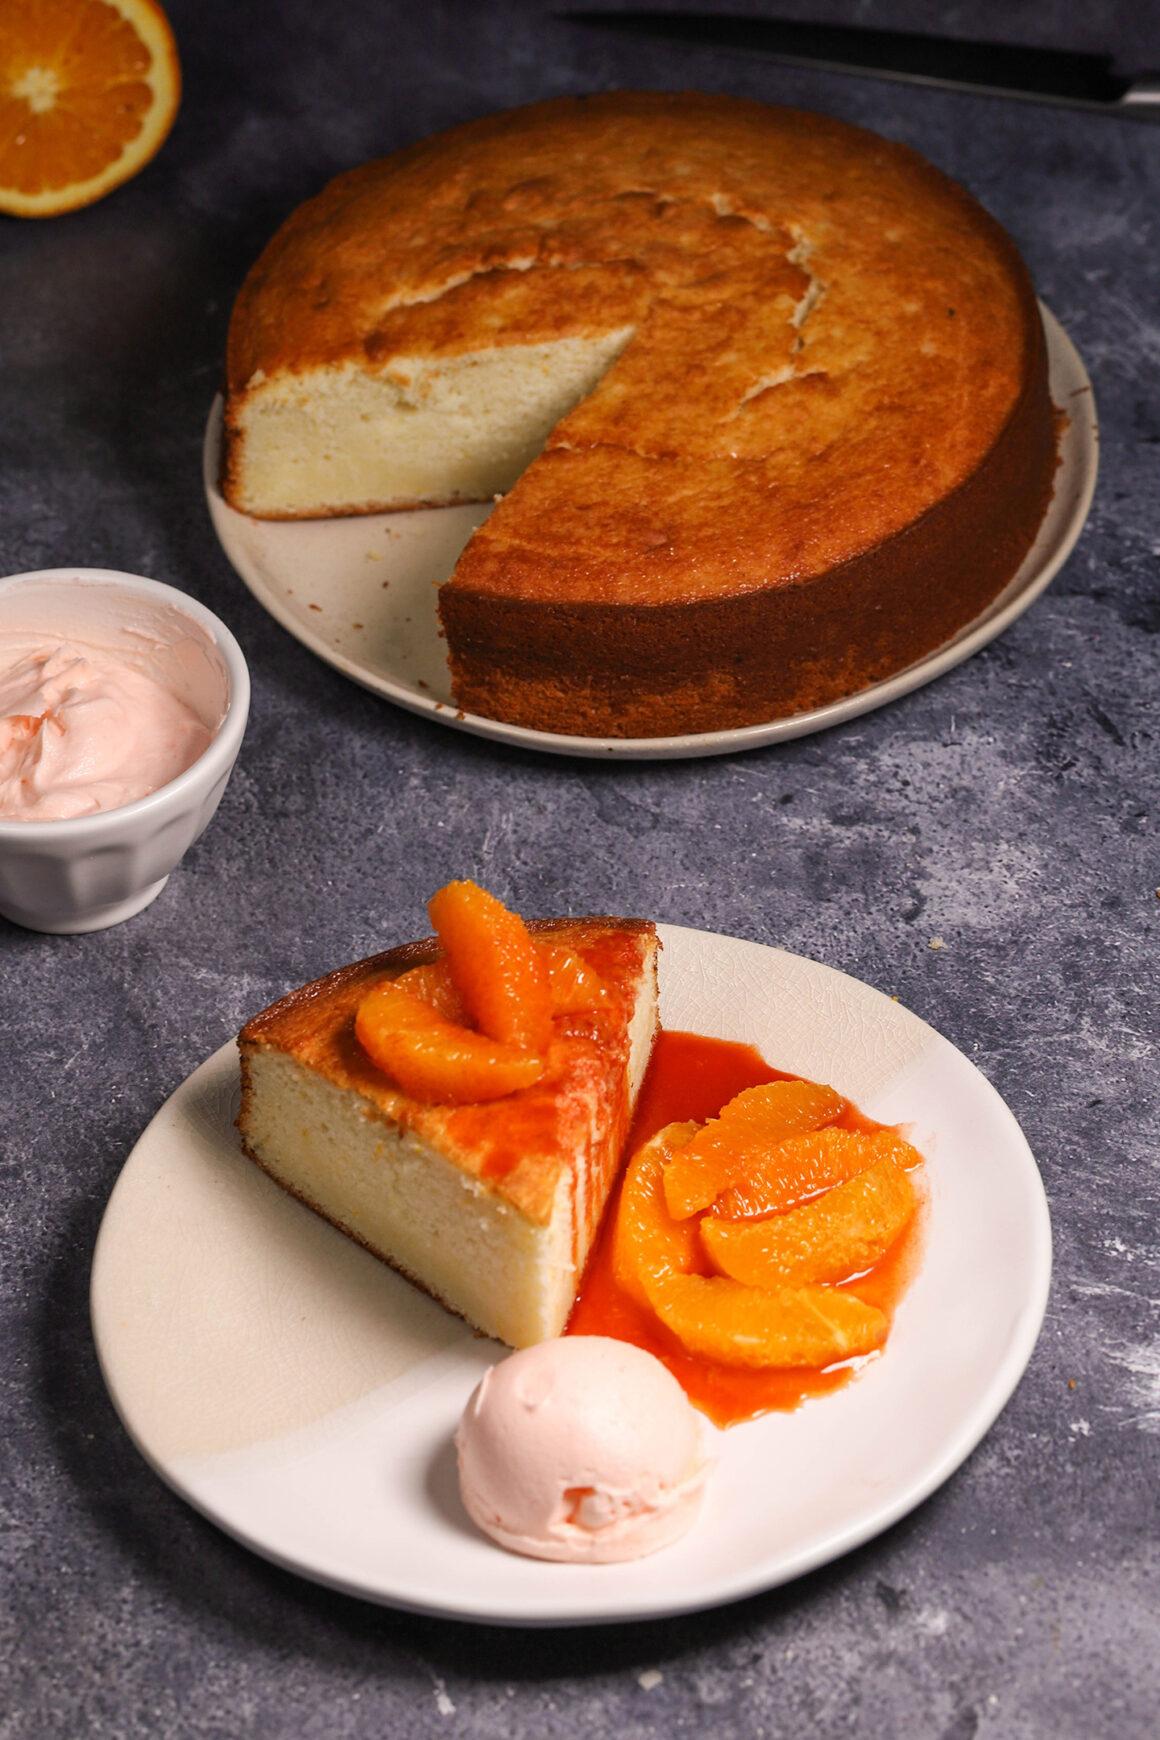 Orange Ricotta Cake Whipped Cream Orange Caramel